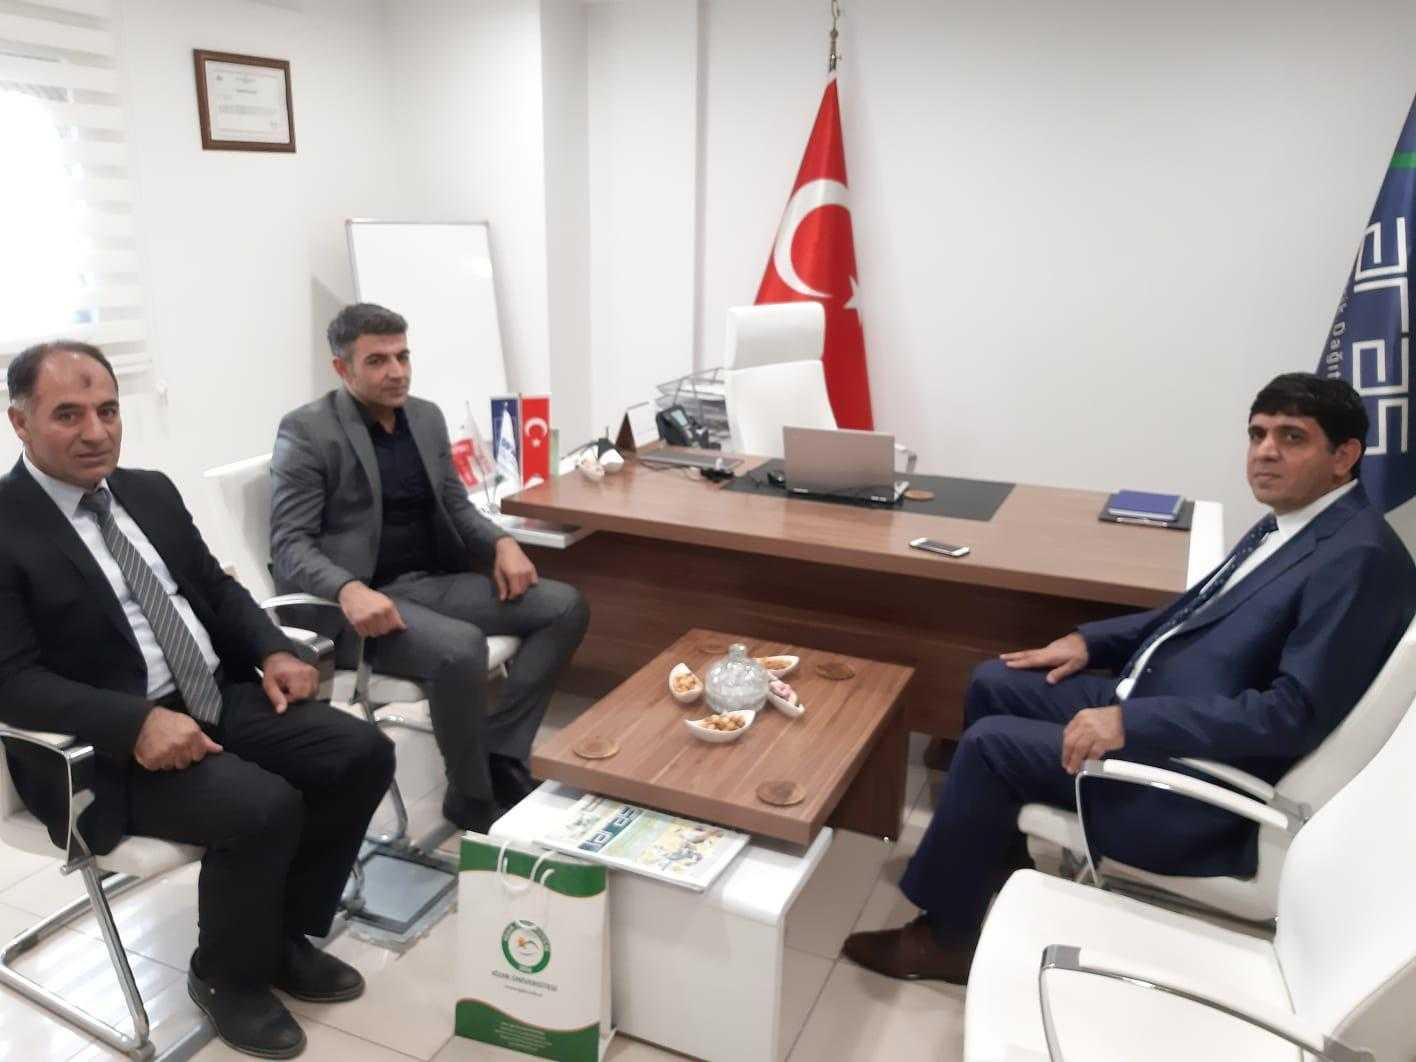 Rektör Alma'dan Aras Elektrik Iğdır İl Koordinatörü Özkan Kılıç'a Hayırlı Olsun Ziyareti